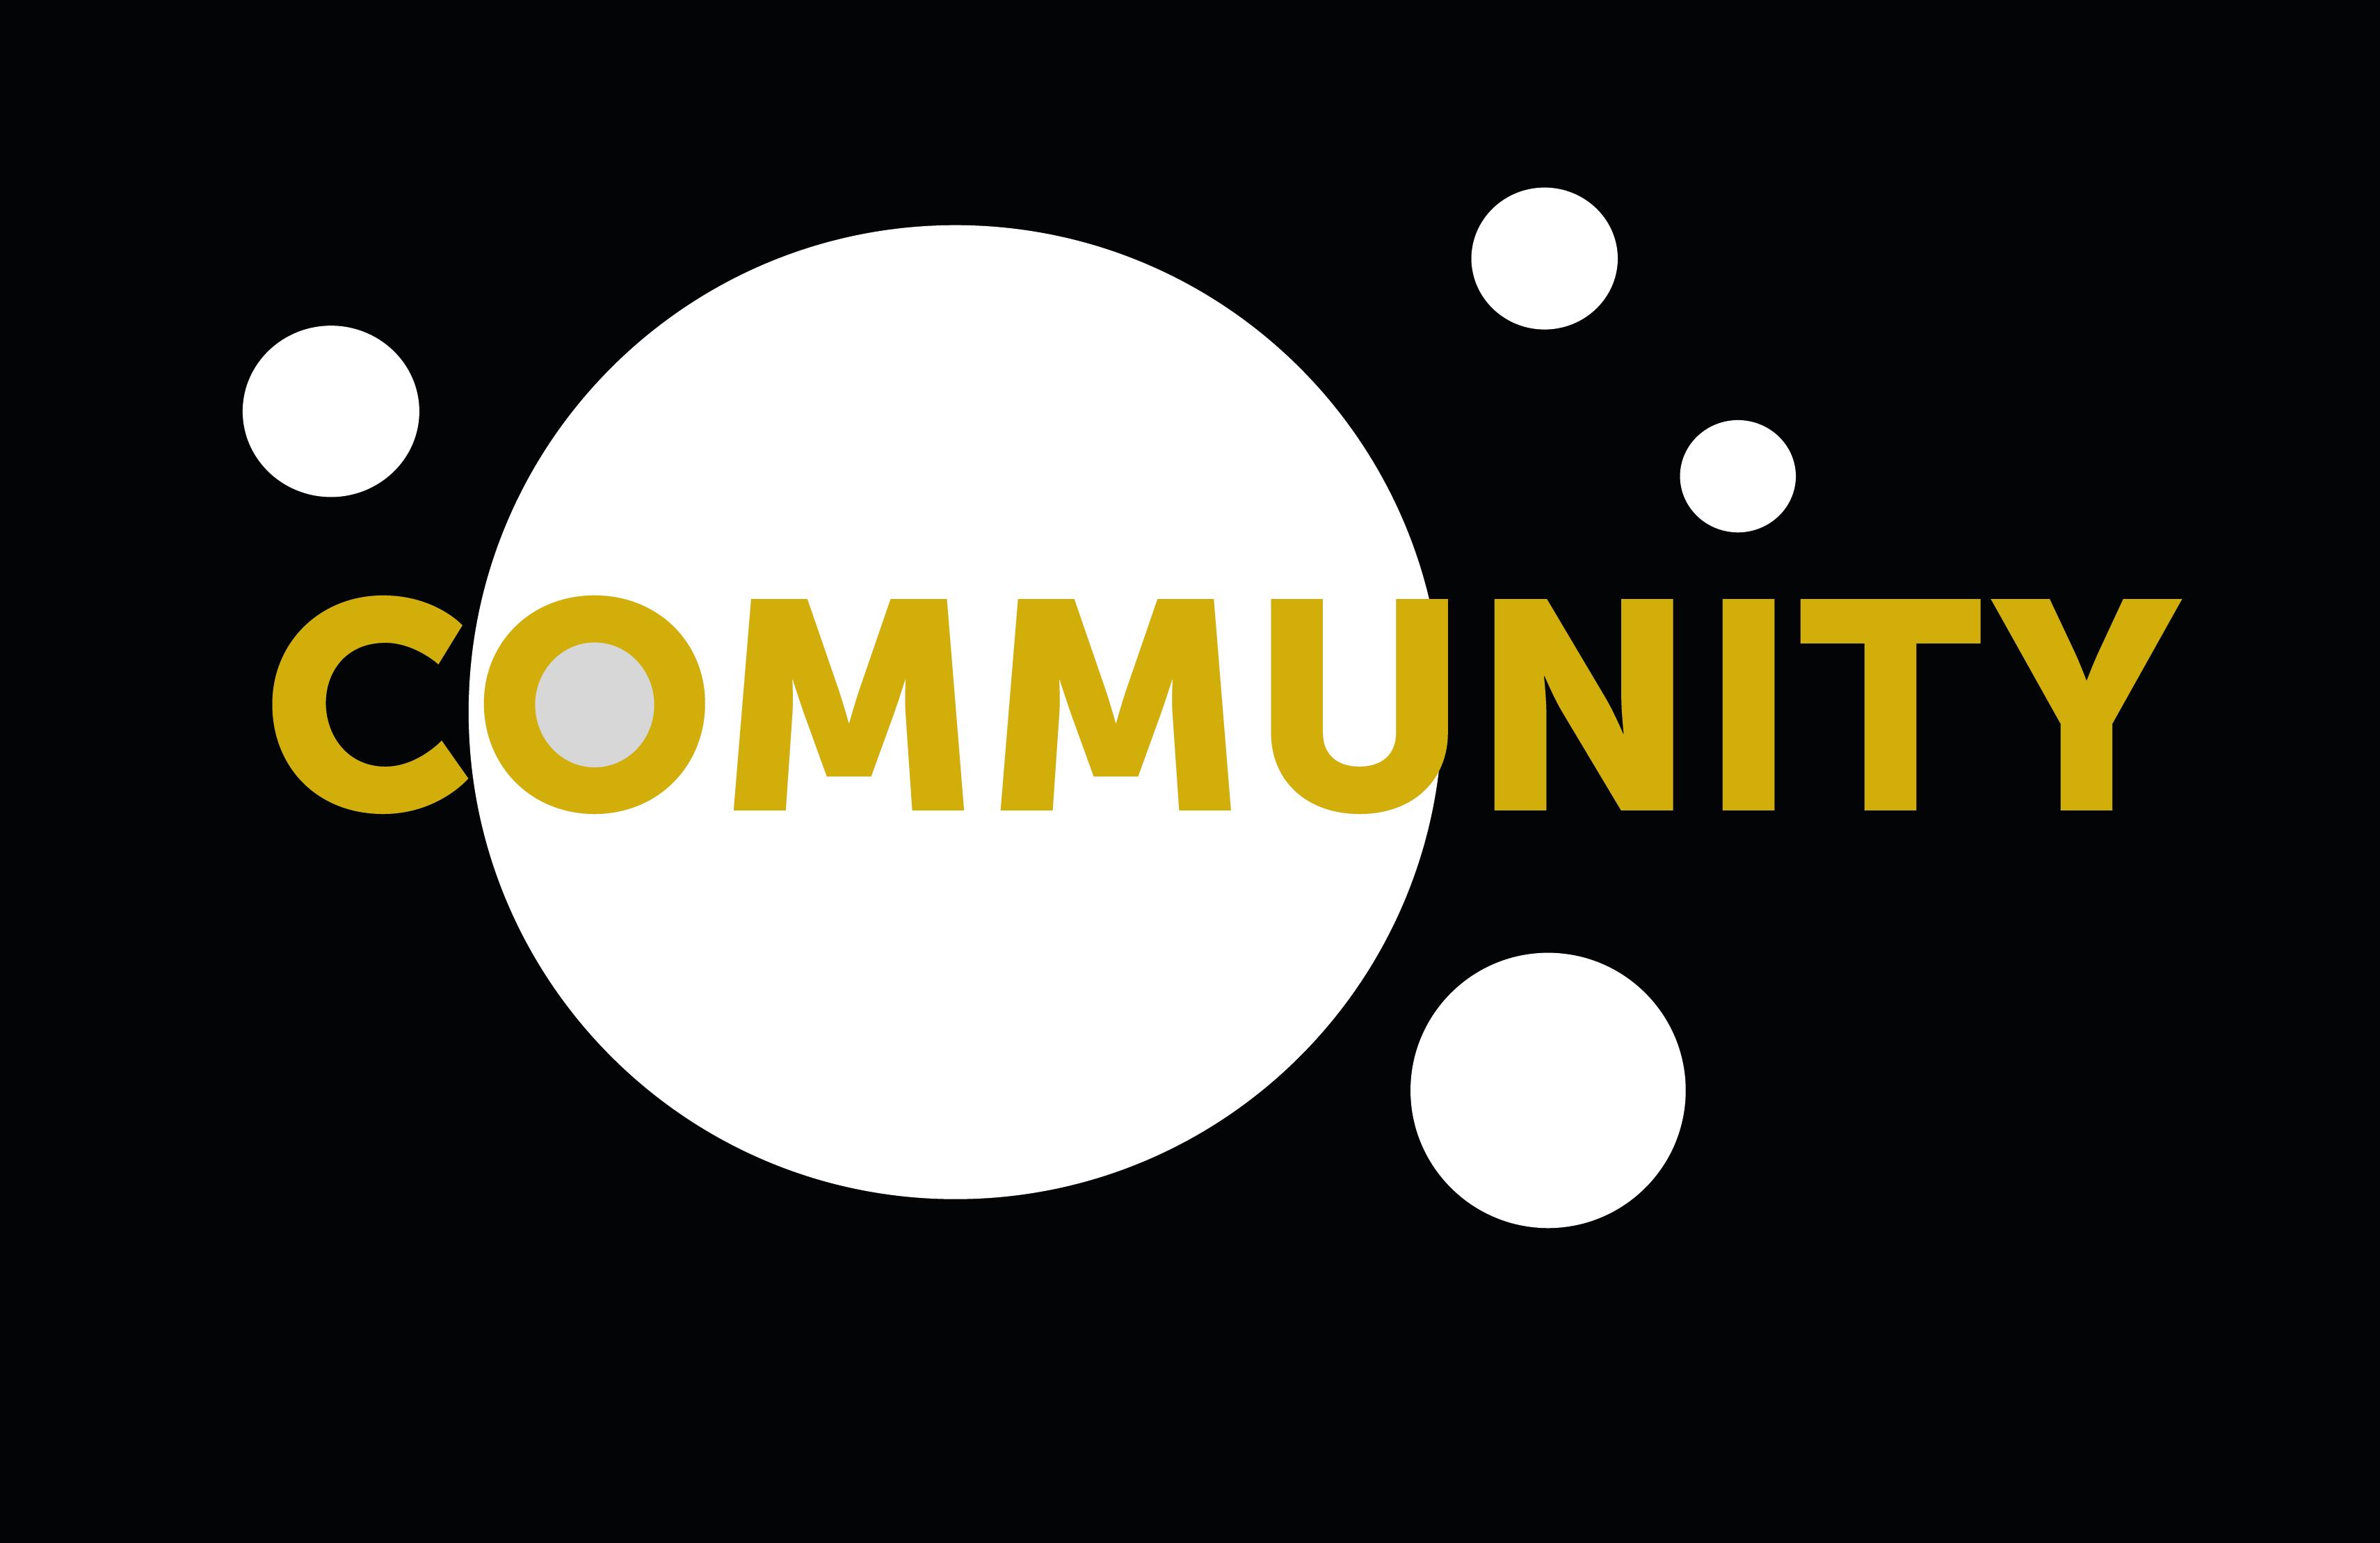 community_Tekengebied 1